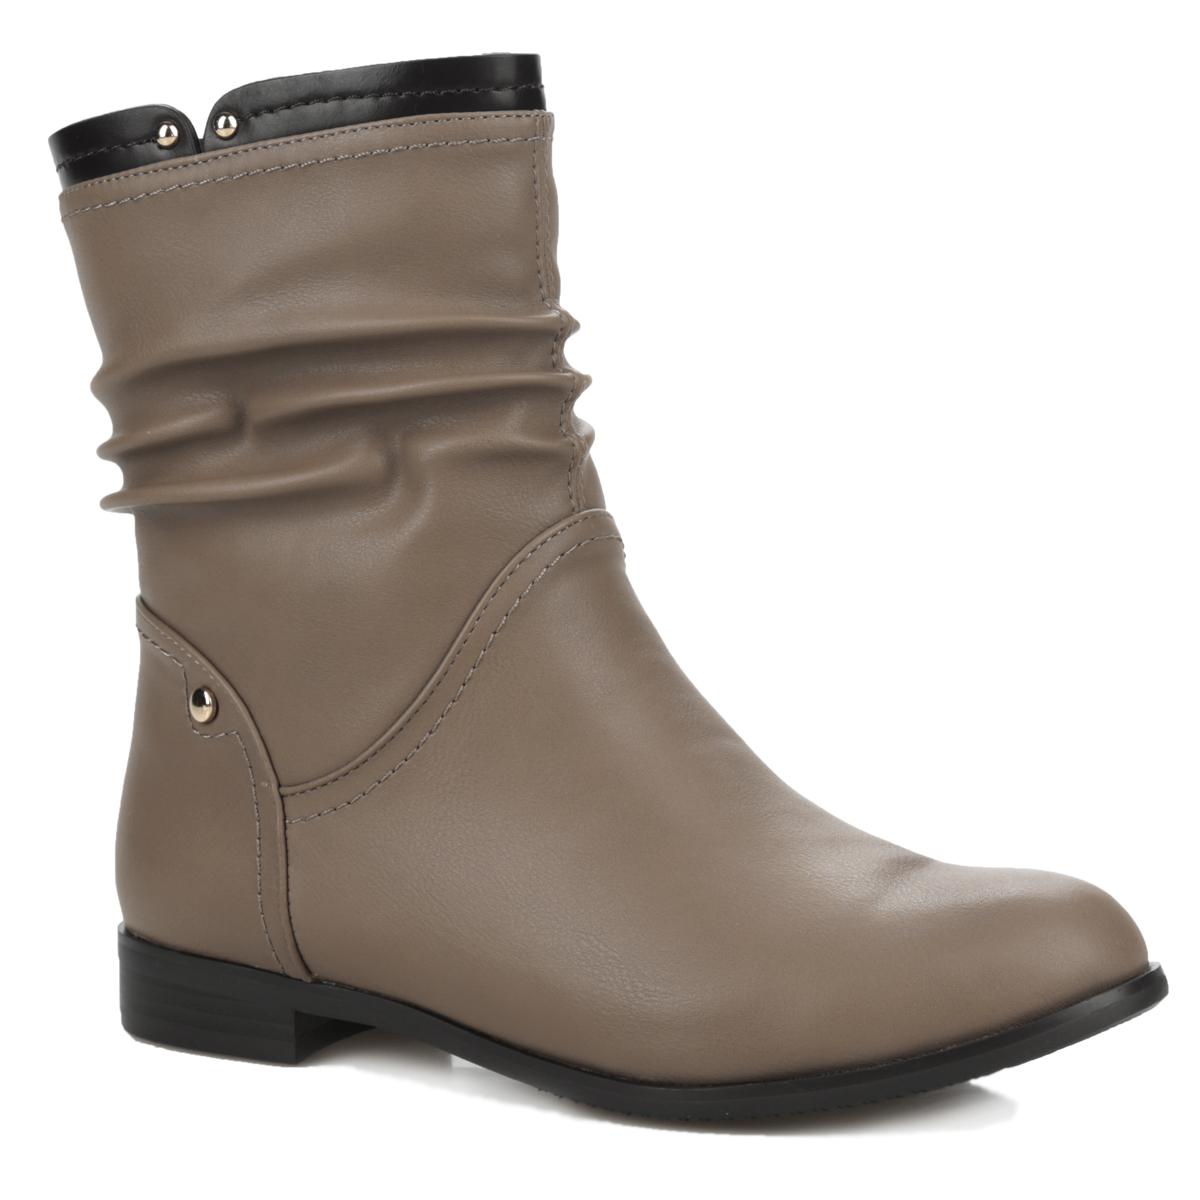 Полусапоги женские. 35-13-01D235-13-01D2Модные полусапоги от Makfly займут достойное место в вашем гардеробе. Модель выполнена из искусственной кожи и оформлена декоративной прострочкой, сбоку - металлической пластиной круглой формы. Верх обуви оформлен небольшими вырезами и металлическими заклепками. Полусапоги застегиваются на удобную застежку-молнию, расположенную сбоку. Подкладка и стелька невероятно комфортны при ходьбе. Невысокий устойчивый каблук удобен при ходьбе. Каблук и подошва дополнены противоскользящим рифлением. Стильные полусапоги покорят вас своим удобством!